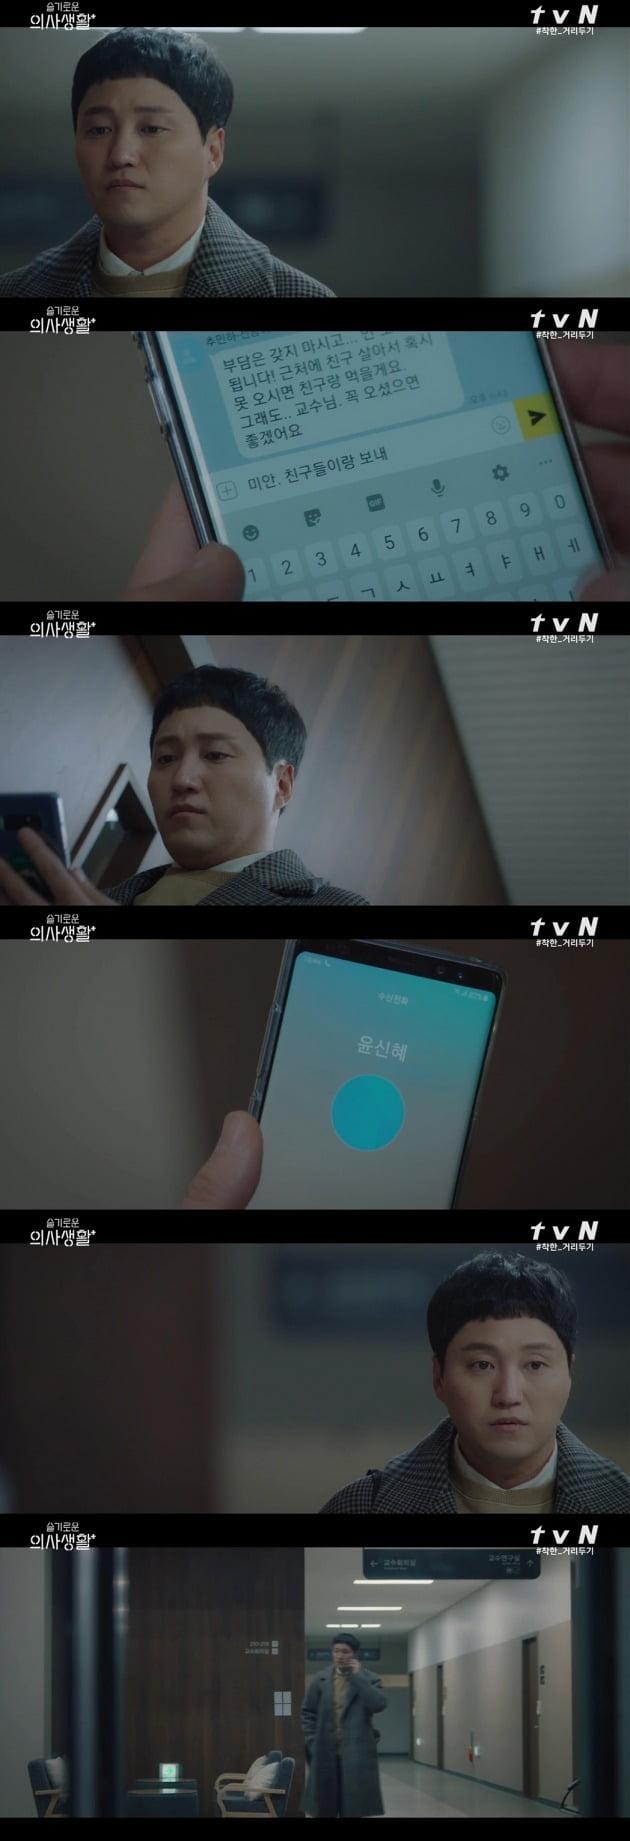 '슬기로운 의사생활' 김대명에게 전화를 건 '윤신혜'의 정체에 관심이 쏠리고 있다. / 사진=tvN 방송 캡처